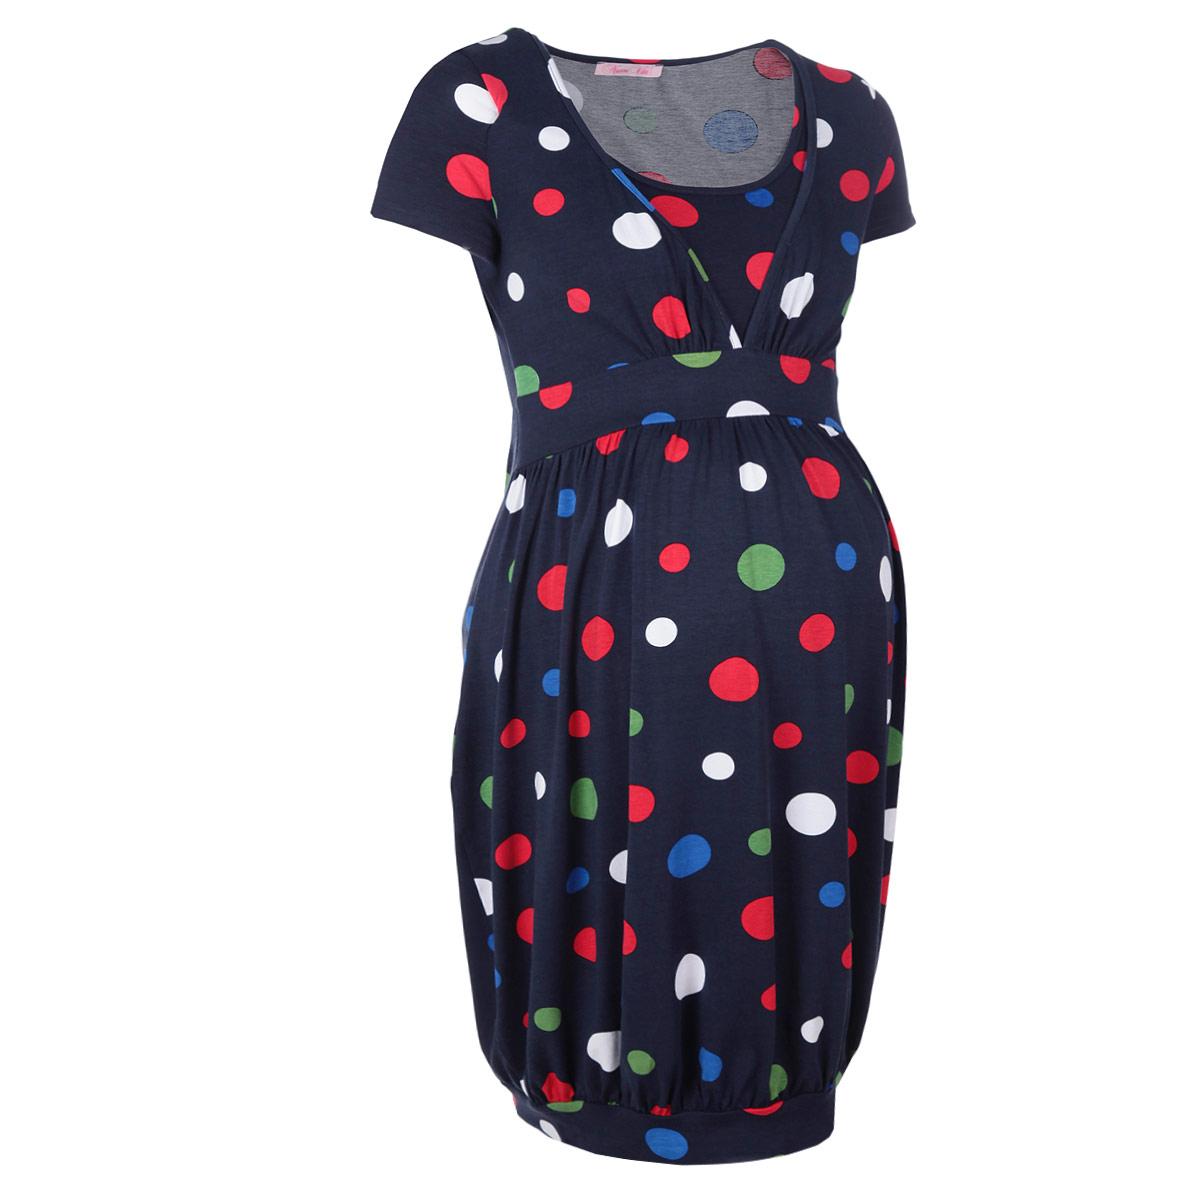 Платье для беременных и кормящих Nuova Vita, цвет: темно-синий. 2124.2. Размер 422124.2Стильное и удобное платье для будущих и кормящих мам Nuova Vita, изготовленное из эластичной вискозы, женственно и элегантно. Платье с короткими рукавами и круглым вырезом горловины подчеркнет очарование будущей мамы, а секрет для кормления сделает его функциональным в период вскармливания ребенка. Секрет кормления расположен по бокам и оформлен глубоким V-образным вырезом и дублирующим топом. Позволяет быстро и удобно покормить ребенка, где бы вы ни находились. Платье оформлено оригинальным принтом, подол дополнен широкой трикотажной резинкой. Это легкое и невероятно приятное на ощупь платье можно носить во время беременности и после родов, оно подарит вам удобство и комфорт, и подчеркнет ваше очарование в этот прекрасный период вашей жизни! Вискоза является волокном, произведенным из натурального материала - целлюлозы (древесины). Иногда ее называют древесный шелк. Эта ткань на ощупь мягкая и приятная, образует красивые складки. Материал очень хорошо впитывает влагу, не образует катышек со временем, не выцветает на солнце и обладает приятным шелковистым блеском.